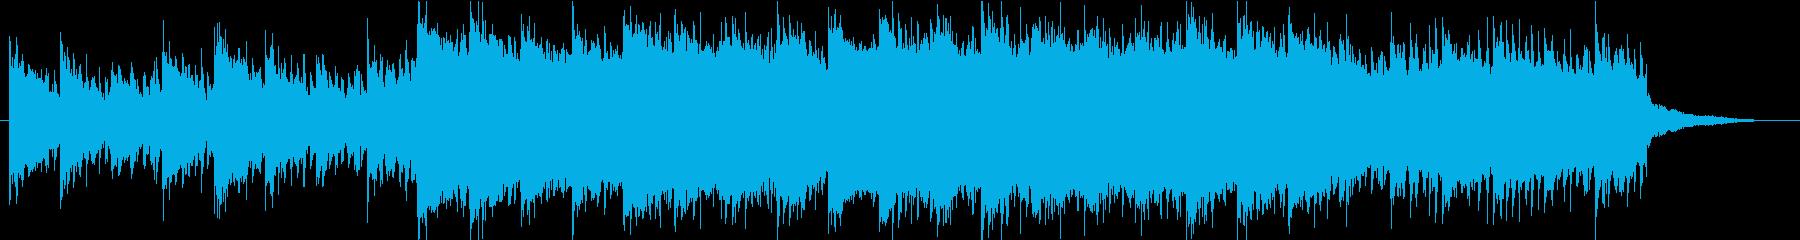 ヴァイオリンが感動的アンビエント系BGMの再生済みの波形